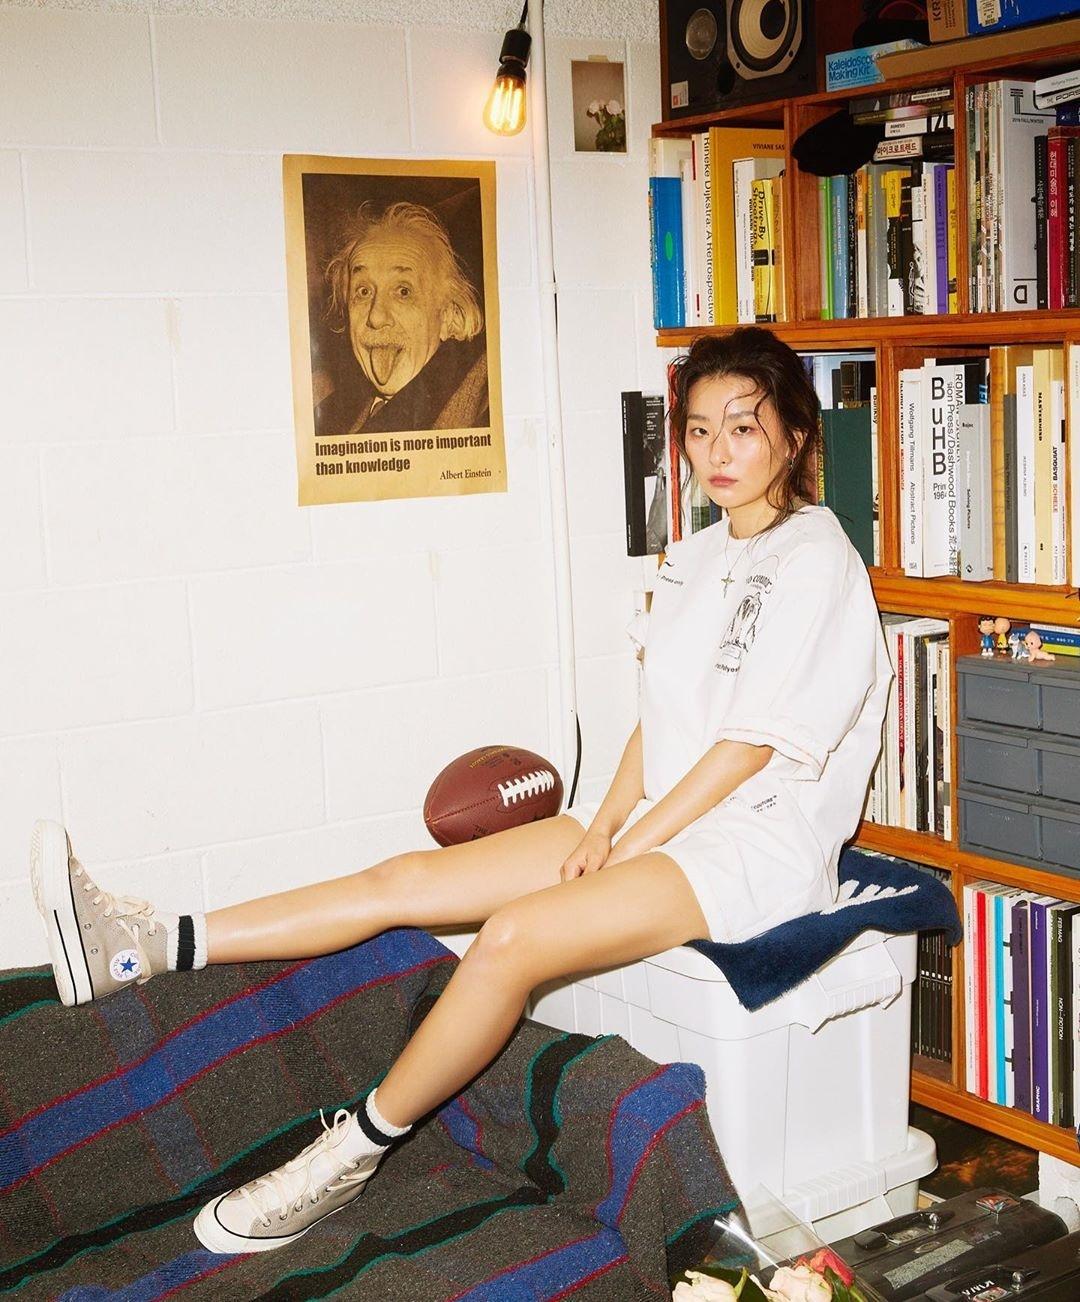 Seul Gi khoe đôi chân khỏe khoắn với style quên quần.